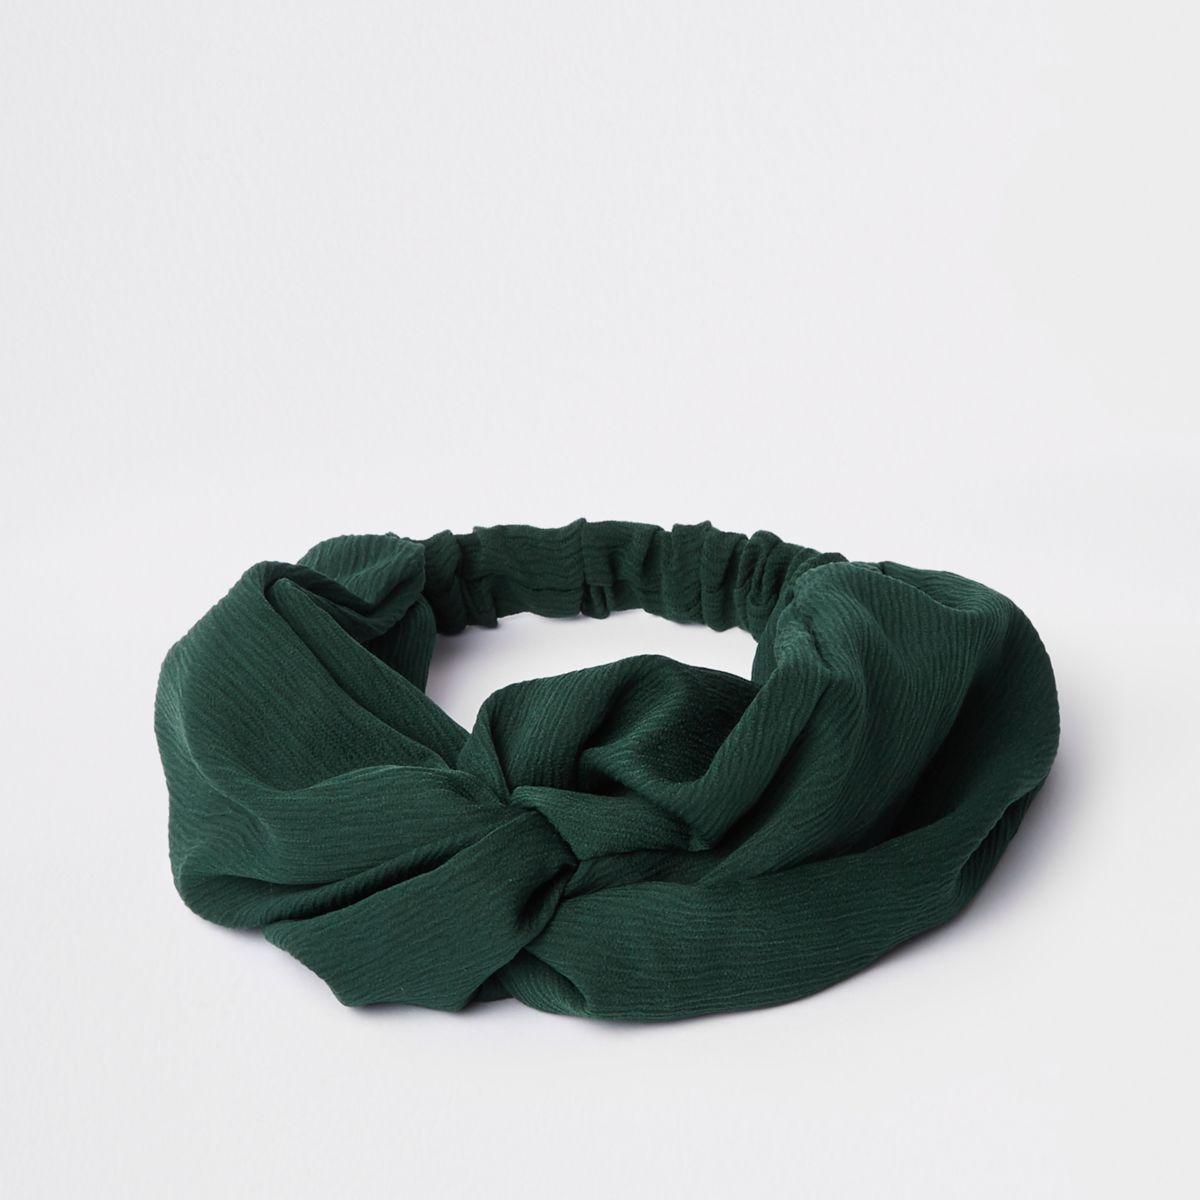 Green wide twist headband